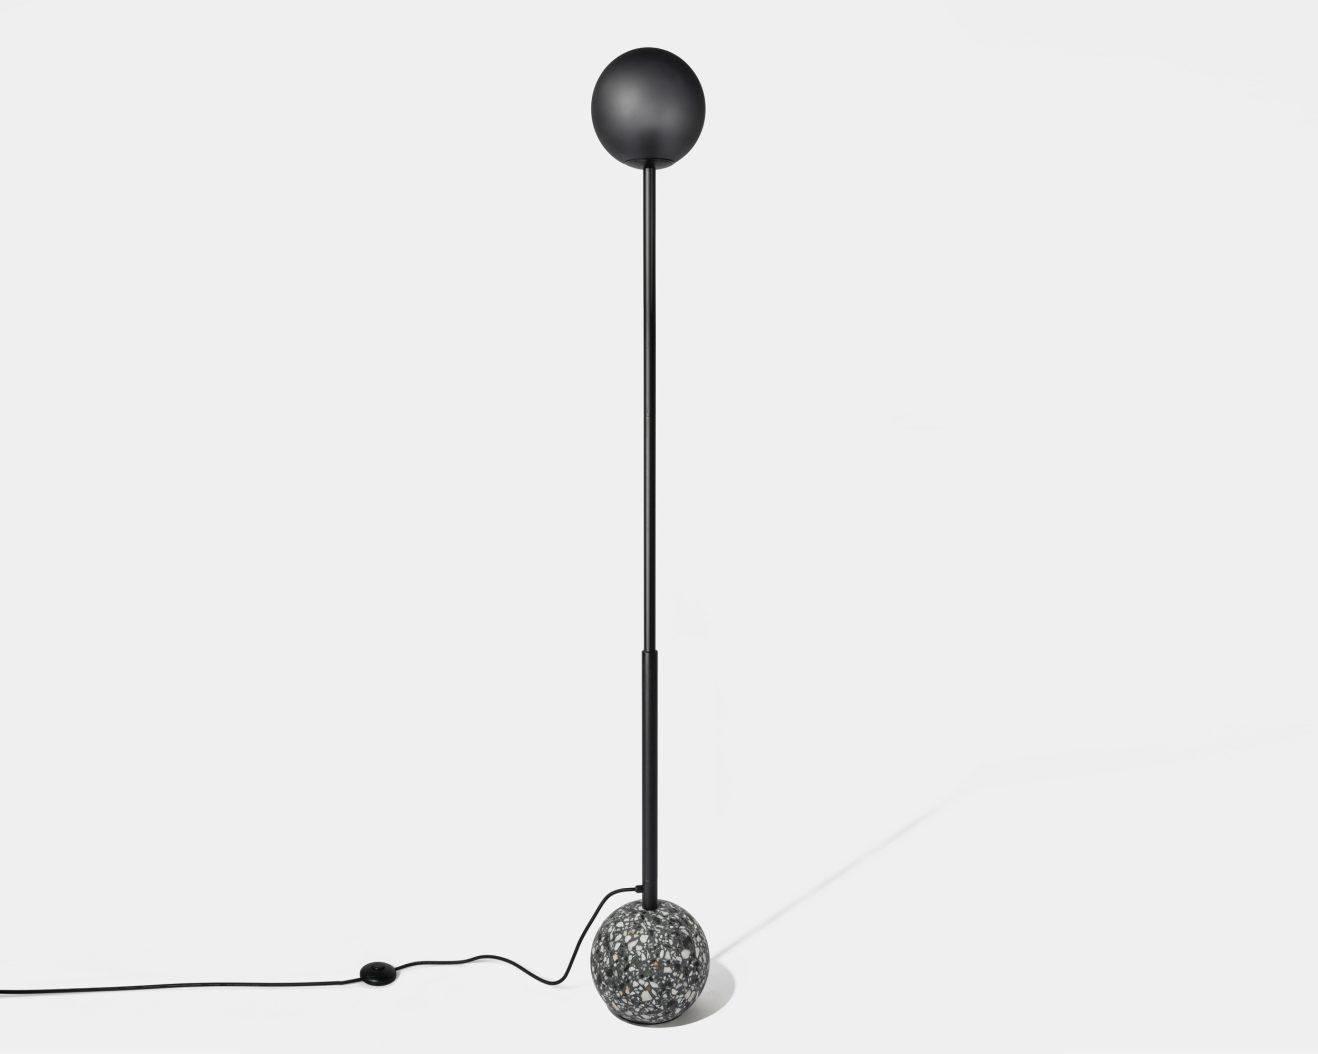 BentuDesign-Black-Terrazzo-Floor-Lamp-8-1